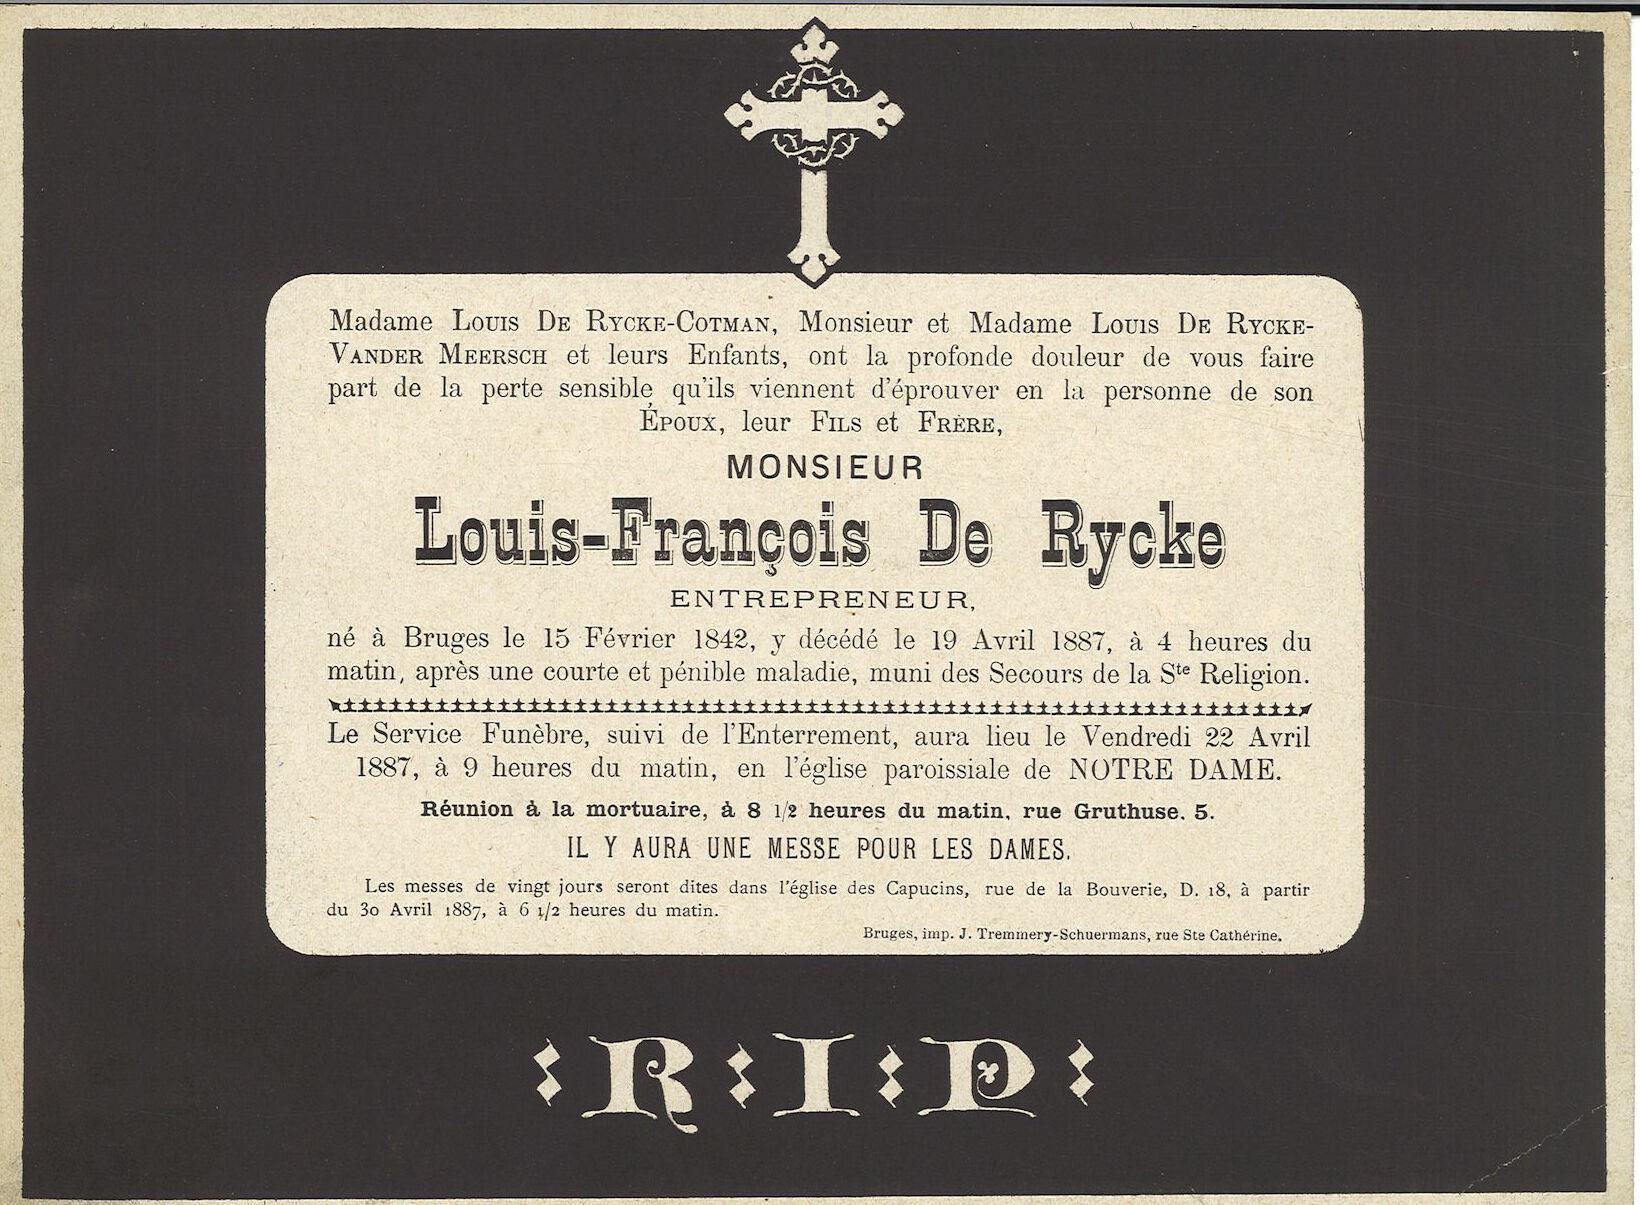 Louis-François De Rycke